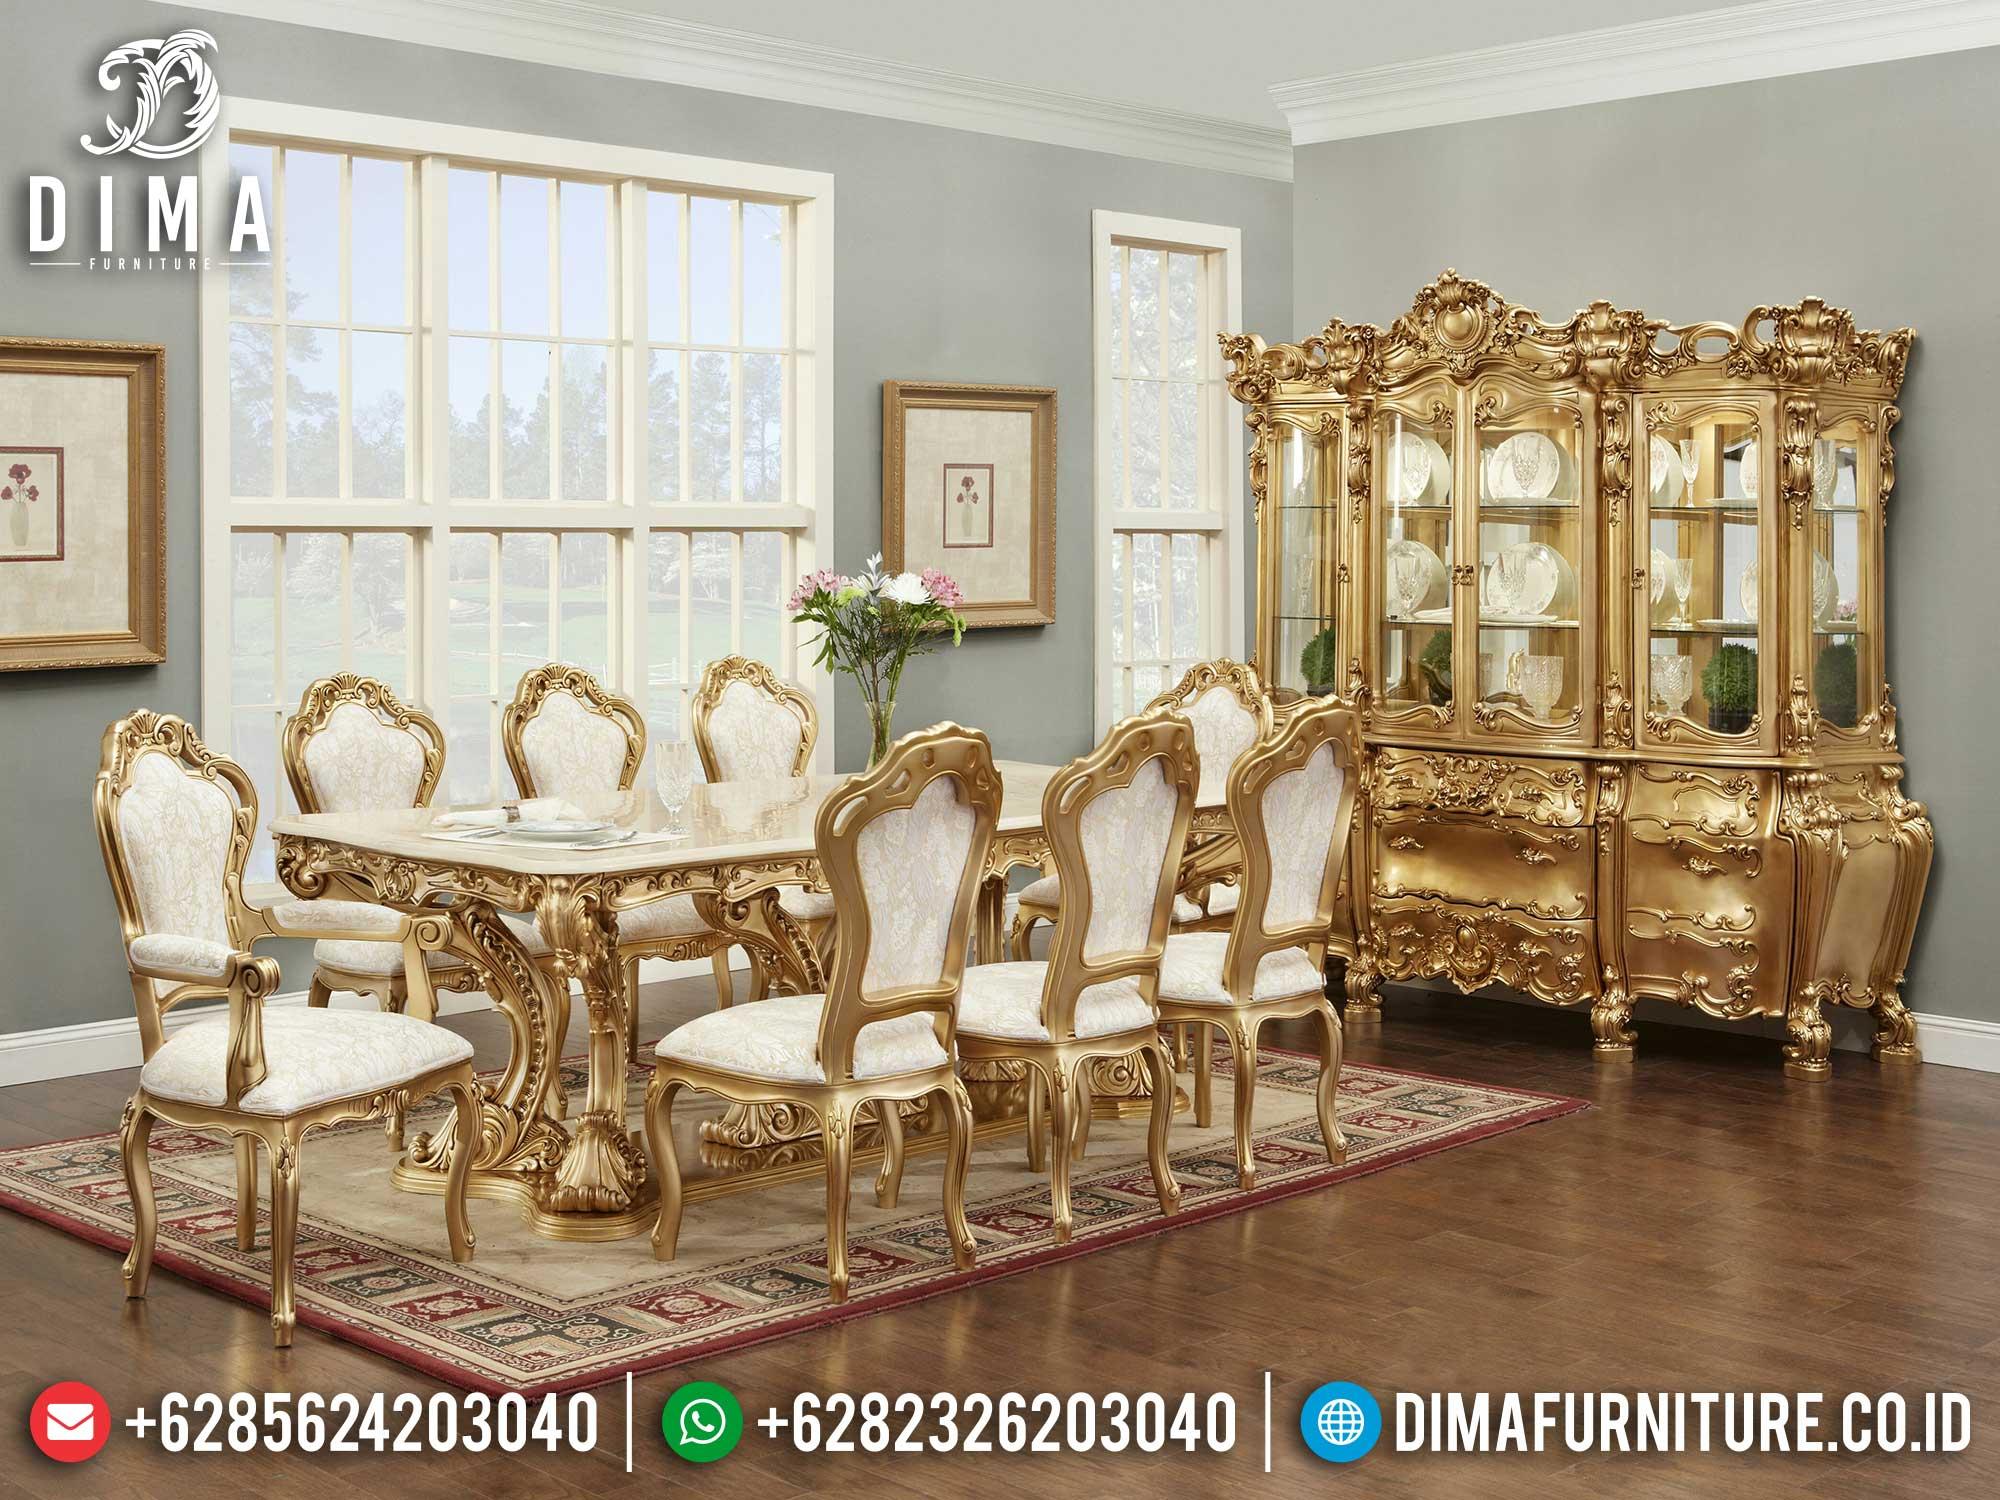 Jual Meja Makan 8 Kursi Klasik Jepara Great Golden Shining Duco Color Luxury Mm-1012